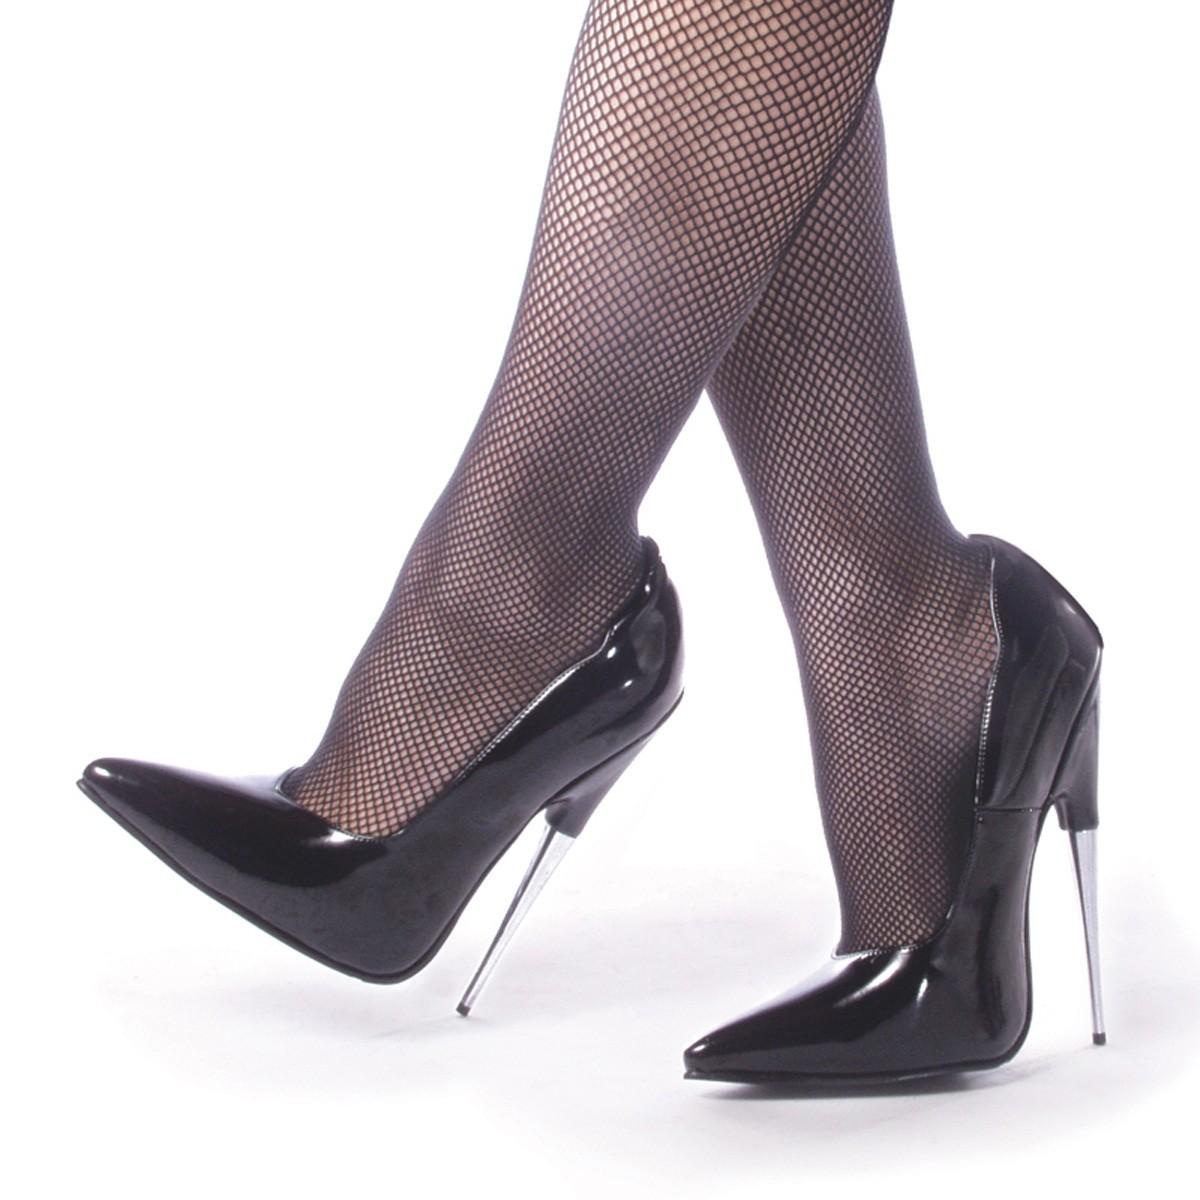 Sapato Scream 01 - Devious (encomenda)